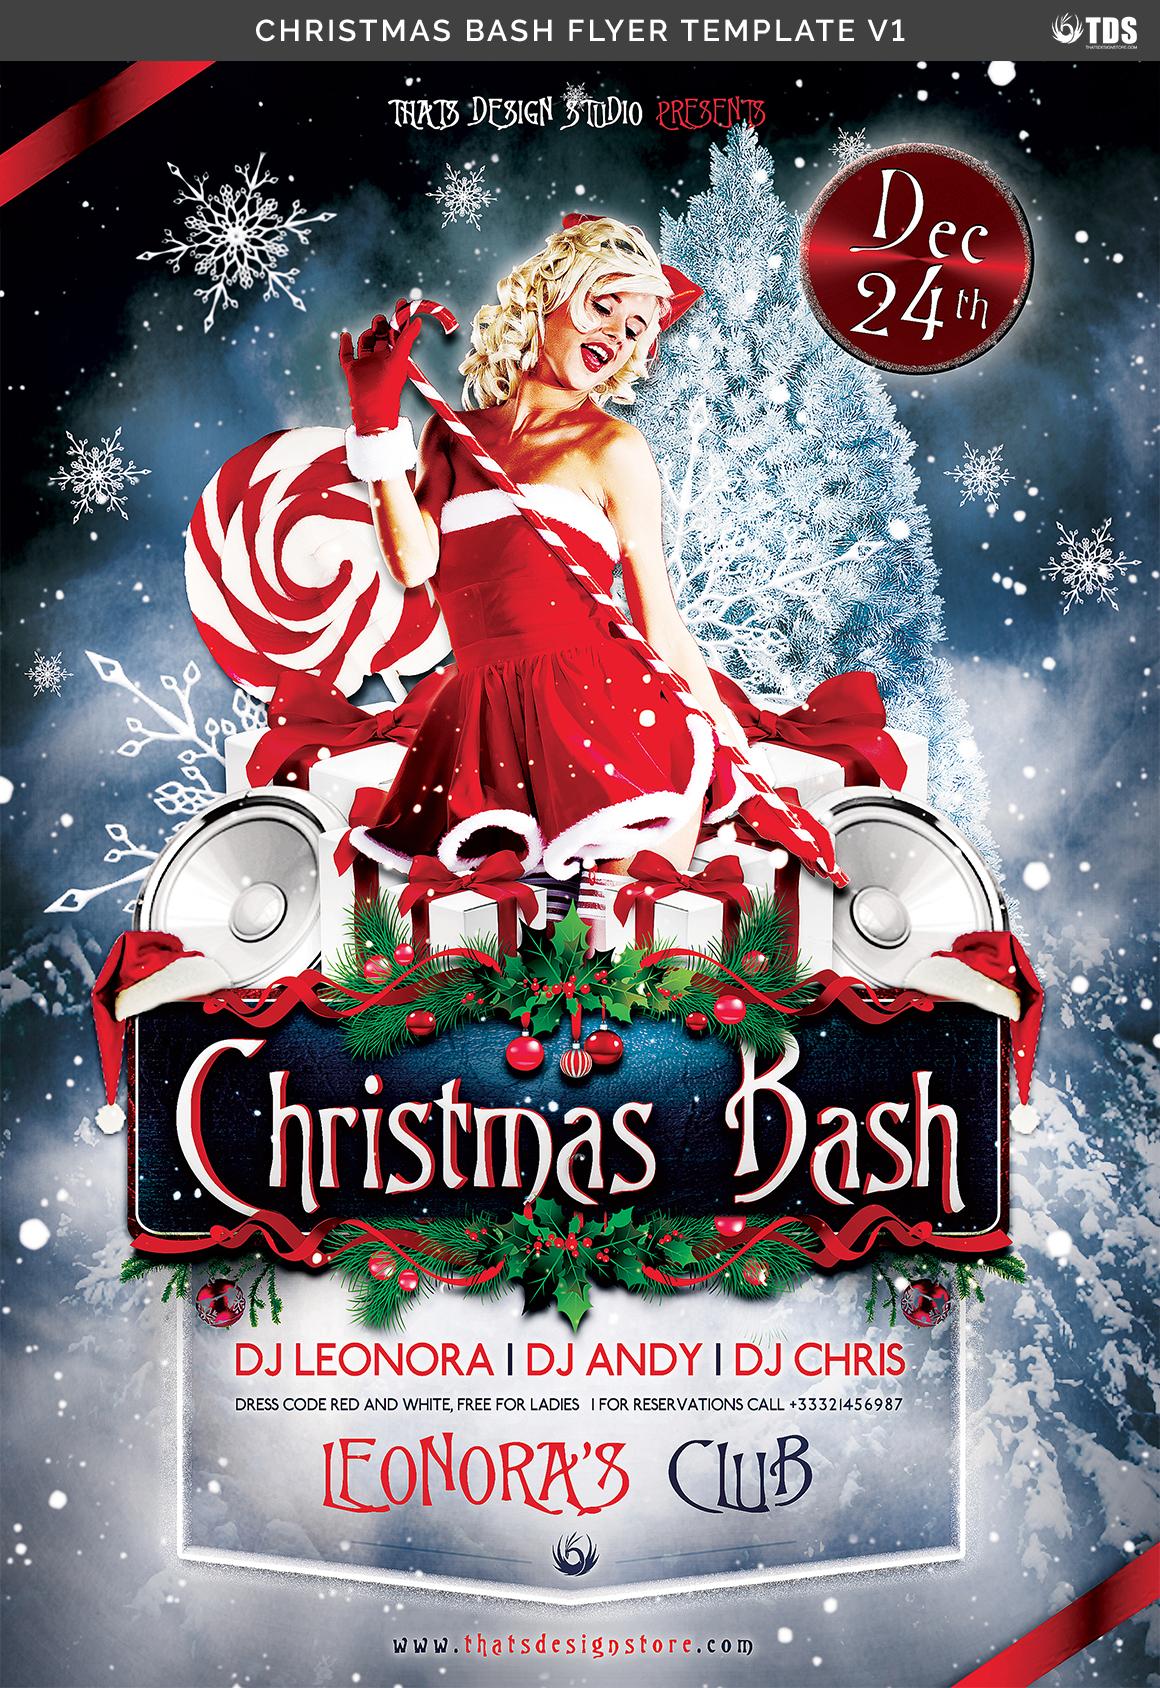 Christmas Bash Flyer Template V1 example image 7